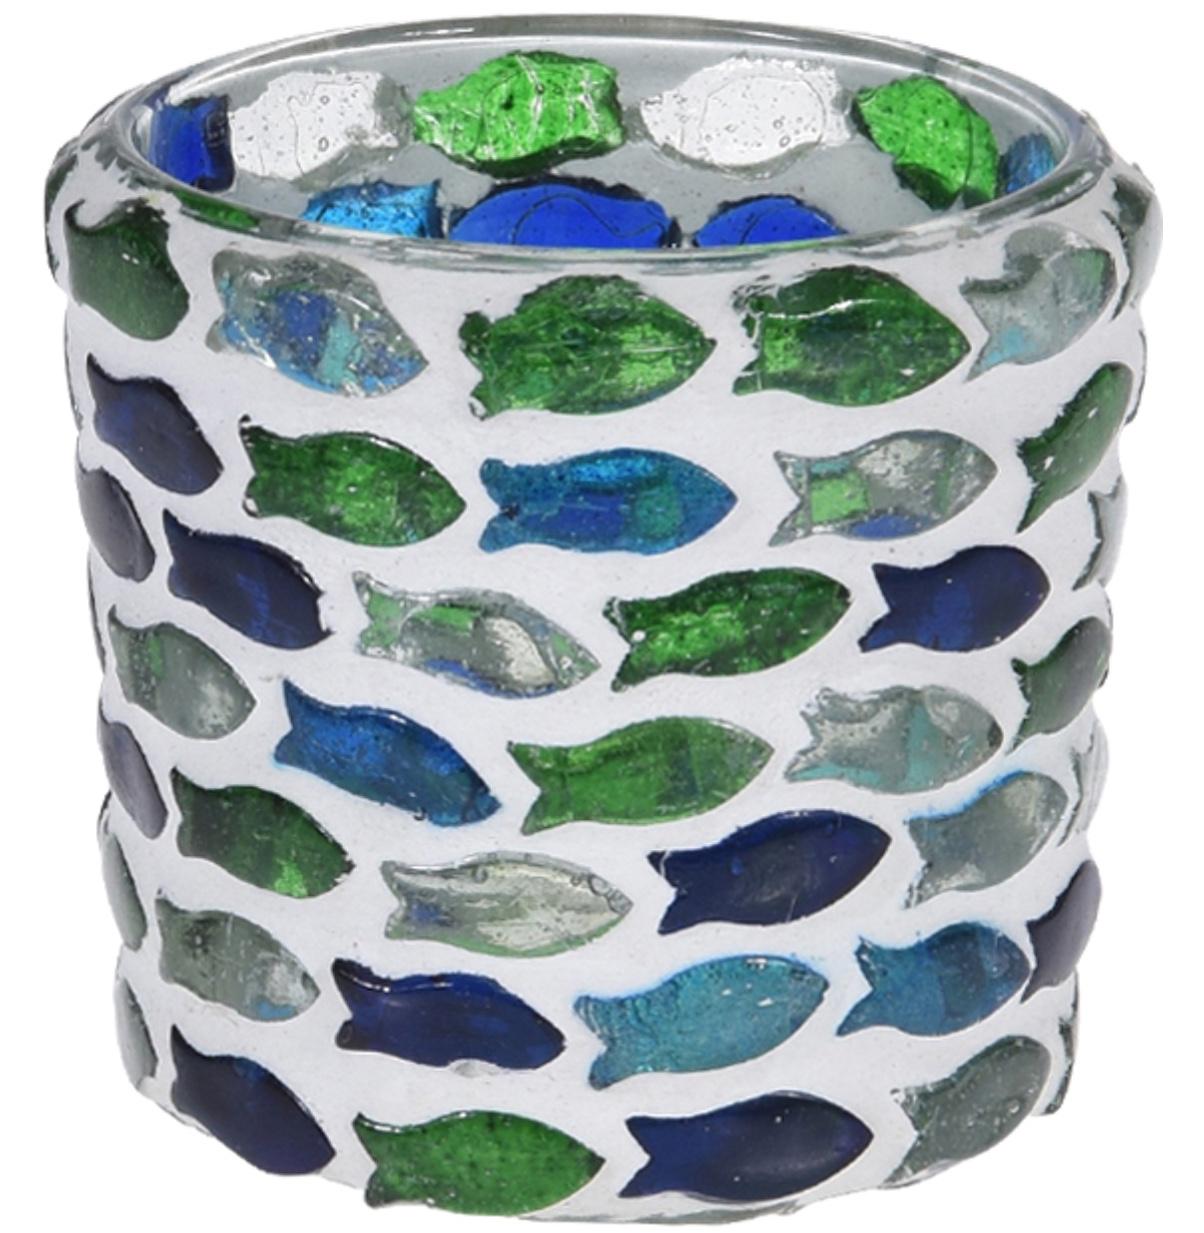 Teelichthalter Windlicht Glas Fische Blau Grün Tischdeko Kommunion Konfirmation Kerzenglas